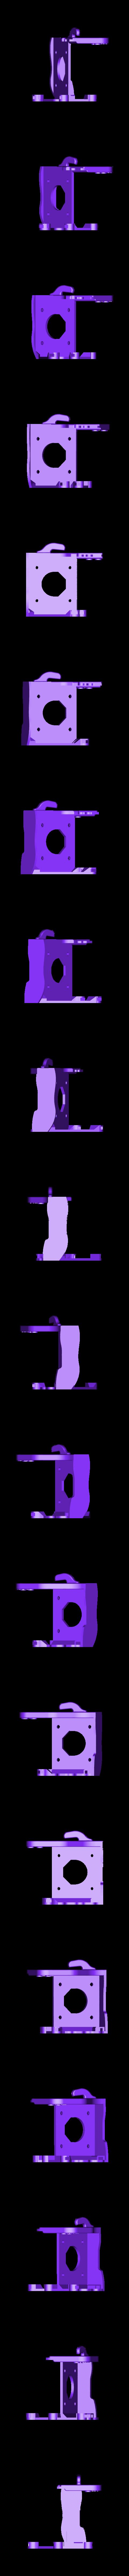 plus_ultra_hotend_mount.stl Télécharger fichier STL gratuit CR-10 E3D montage à entraînement direct • Plan imprimable en 3D, Lance_Greene